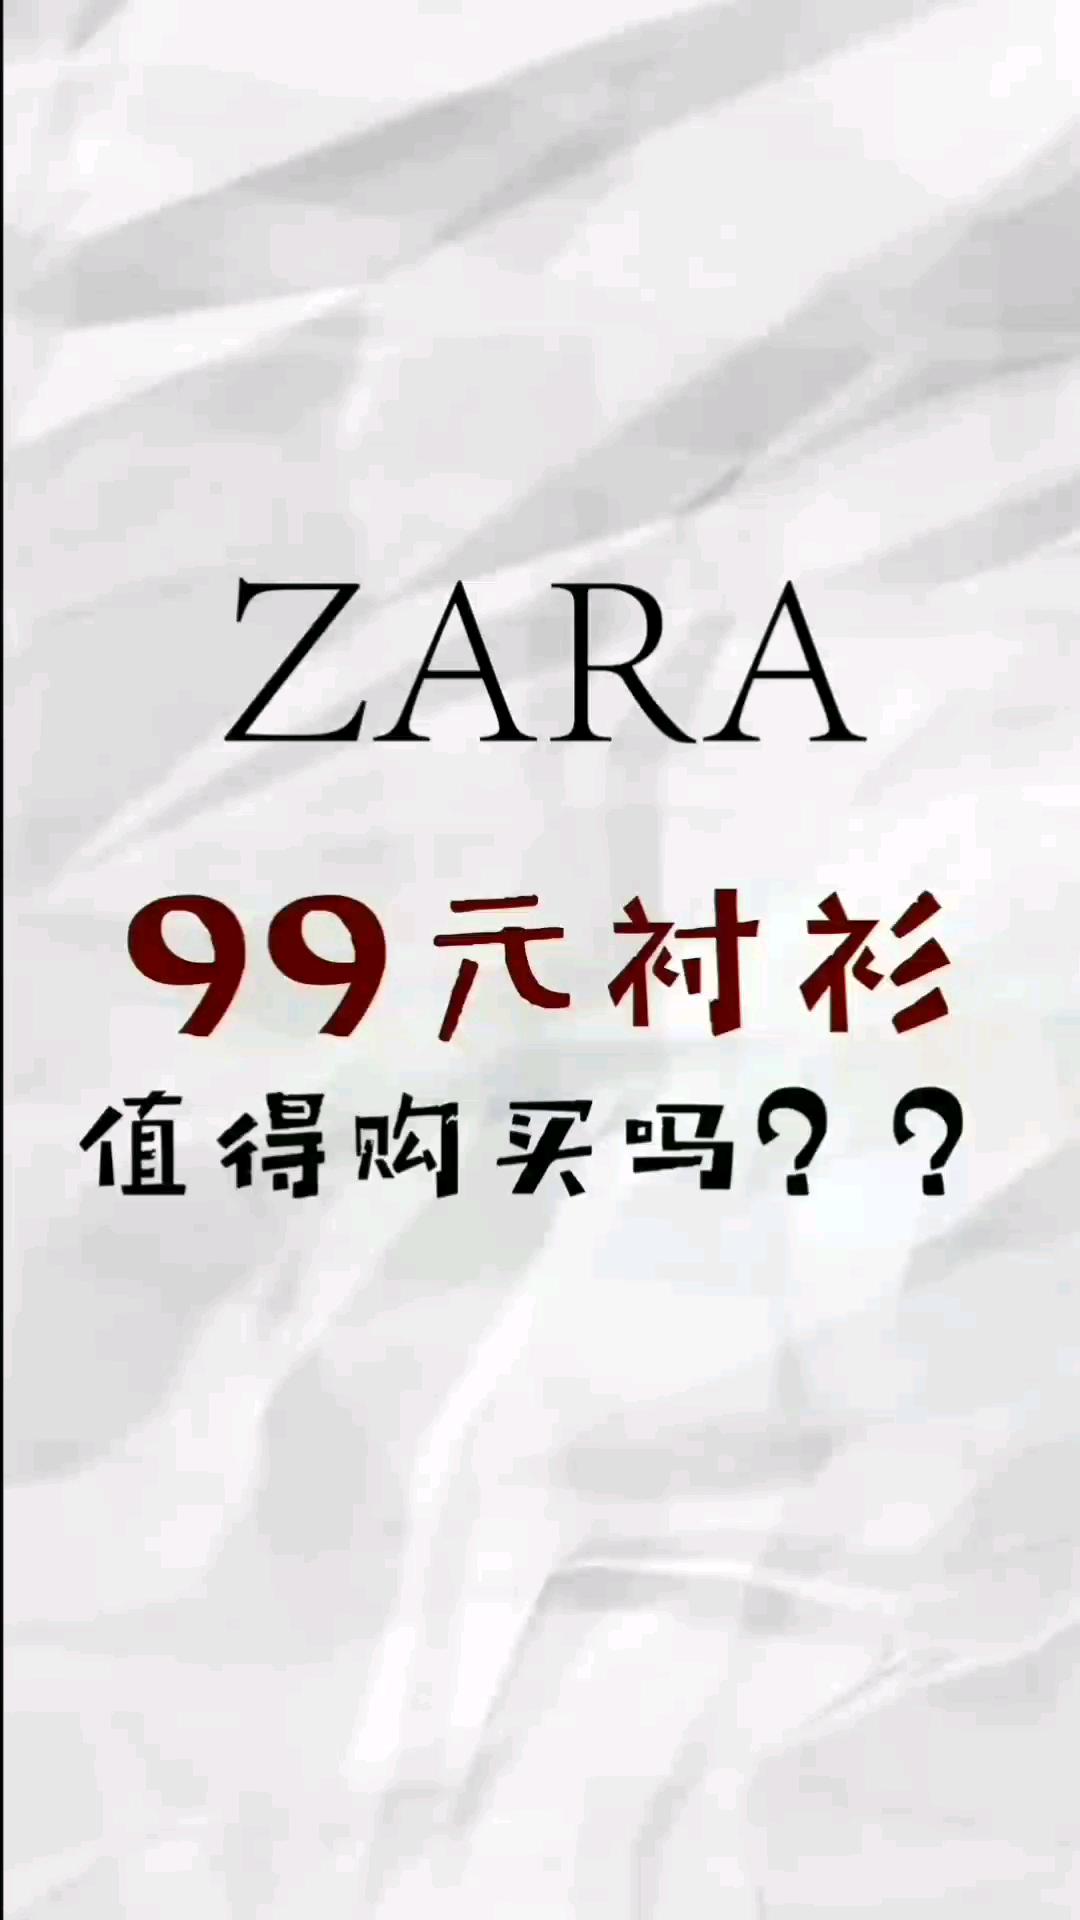 ZARA童装衬衫的【一衣多穿】  小个子的专属福利哈哈 买吗?朋友们~ 版型还是不错的 不过衬衫的质量一般哈 微透~ 还有啥问题 可以在评论问我啦☀️   #全民搭配挑战赛#